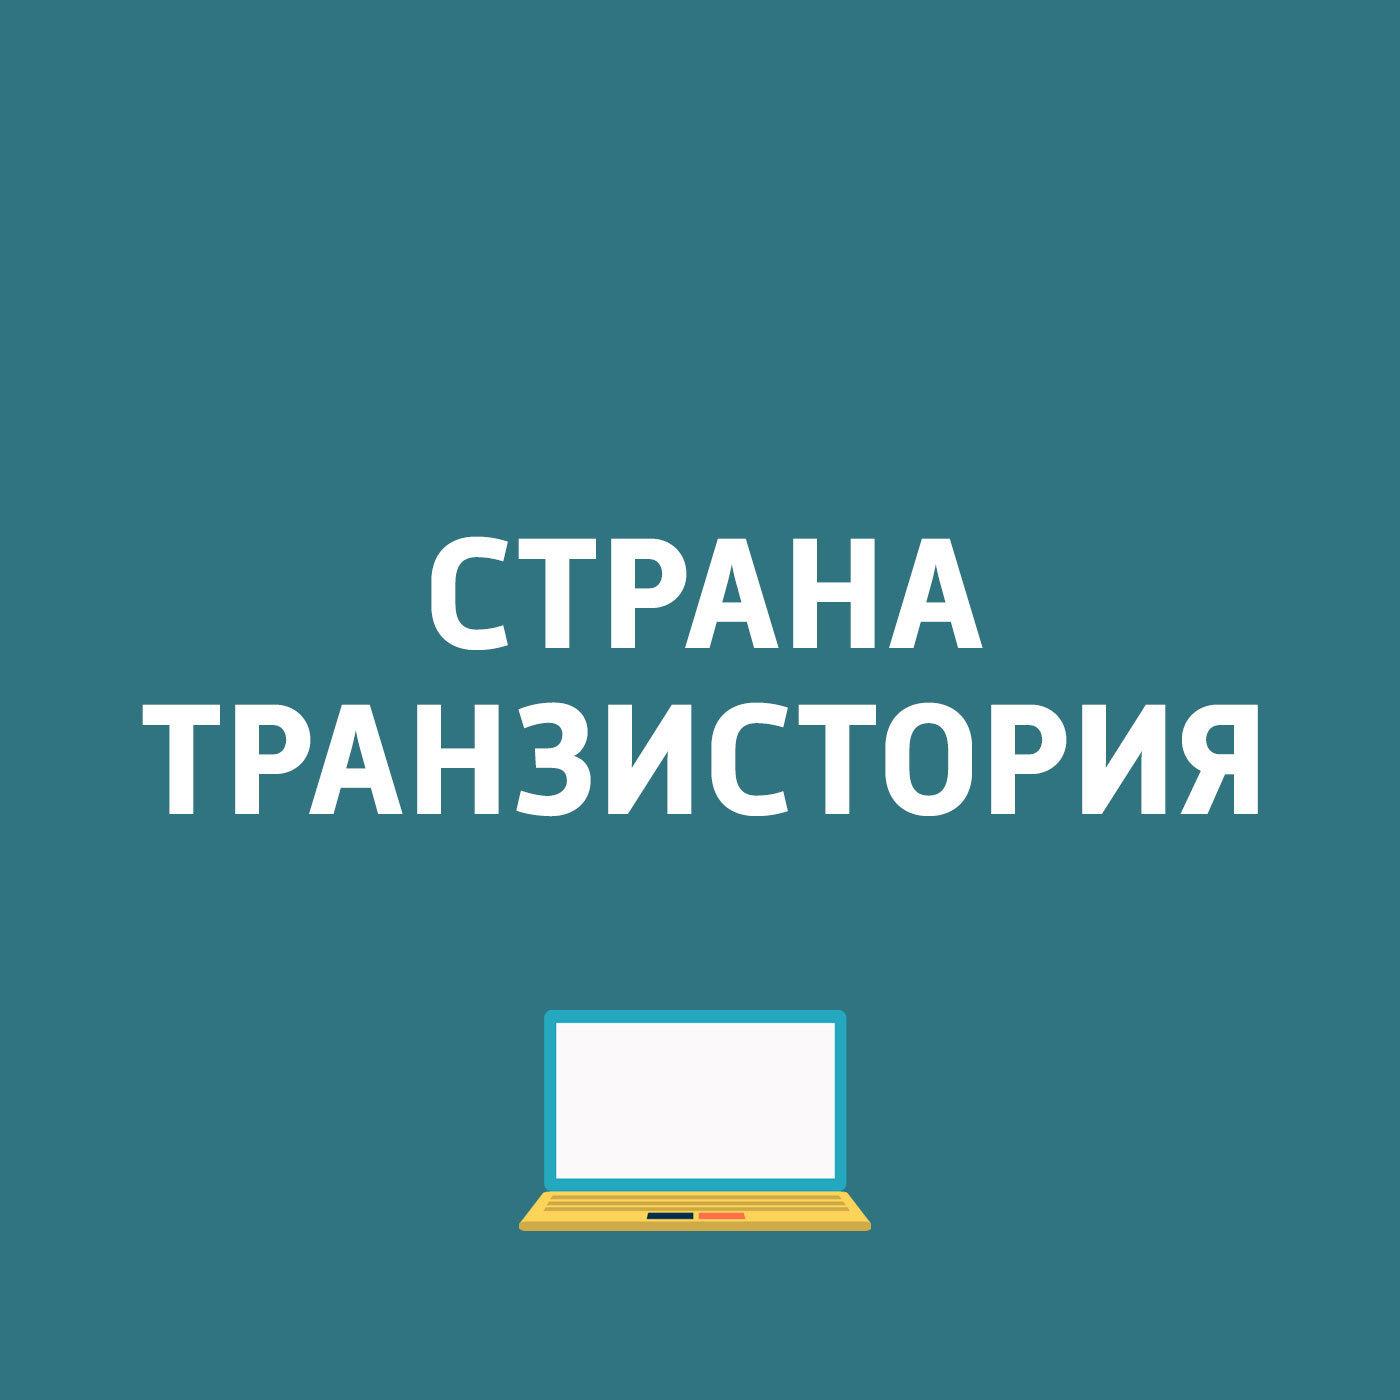 Картаев Павел Начало приёма предзаказов в России на Samsung Galaxy S9+; Huawei TalkBand B5; Valve продолжает борьбу с читерами; Первая годовщина со дня выхода Fortnite цены